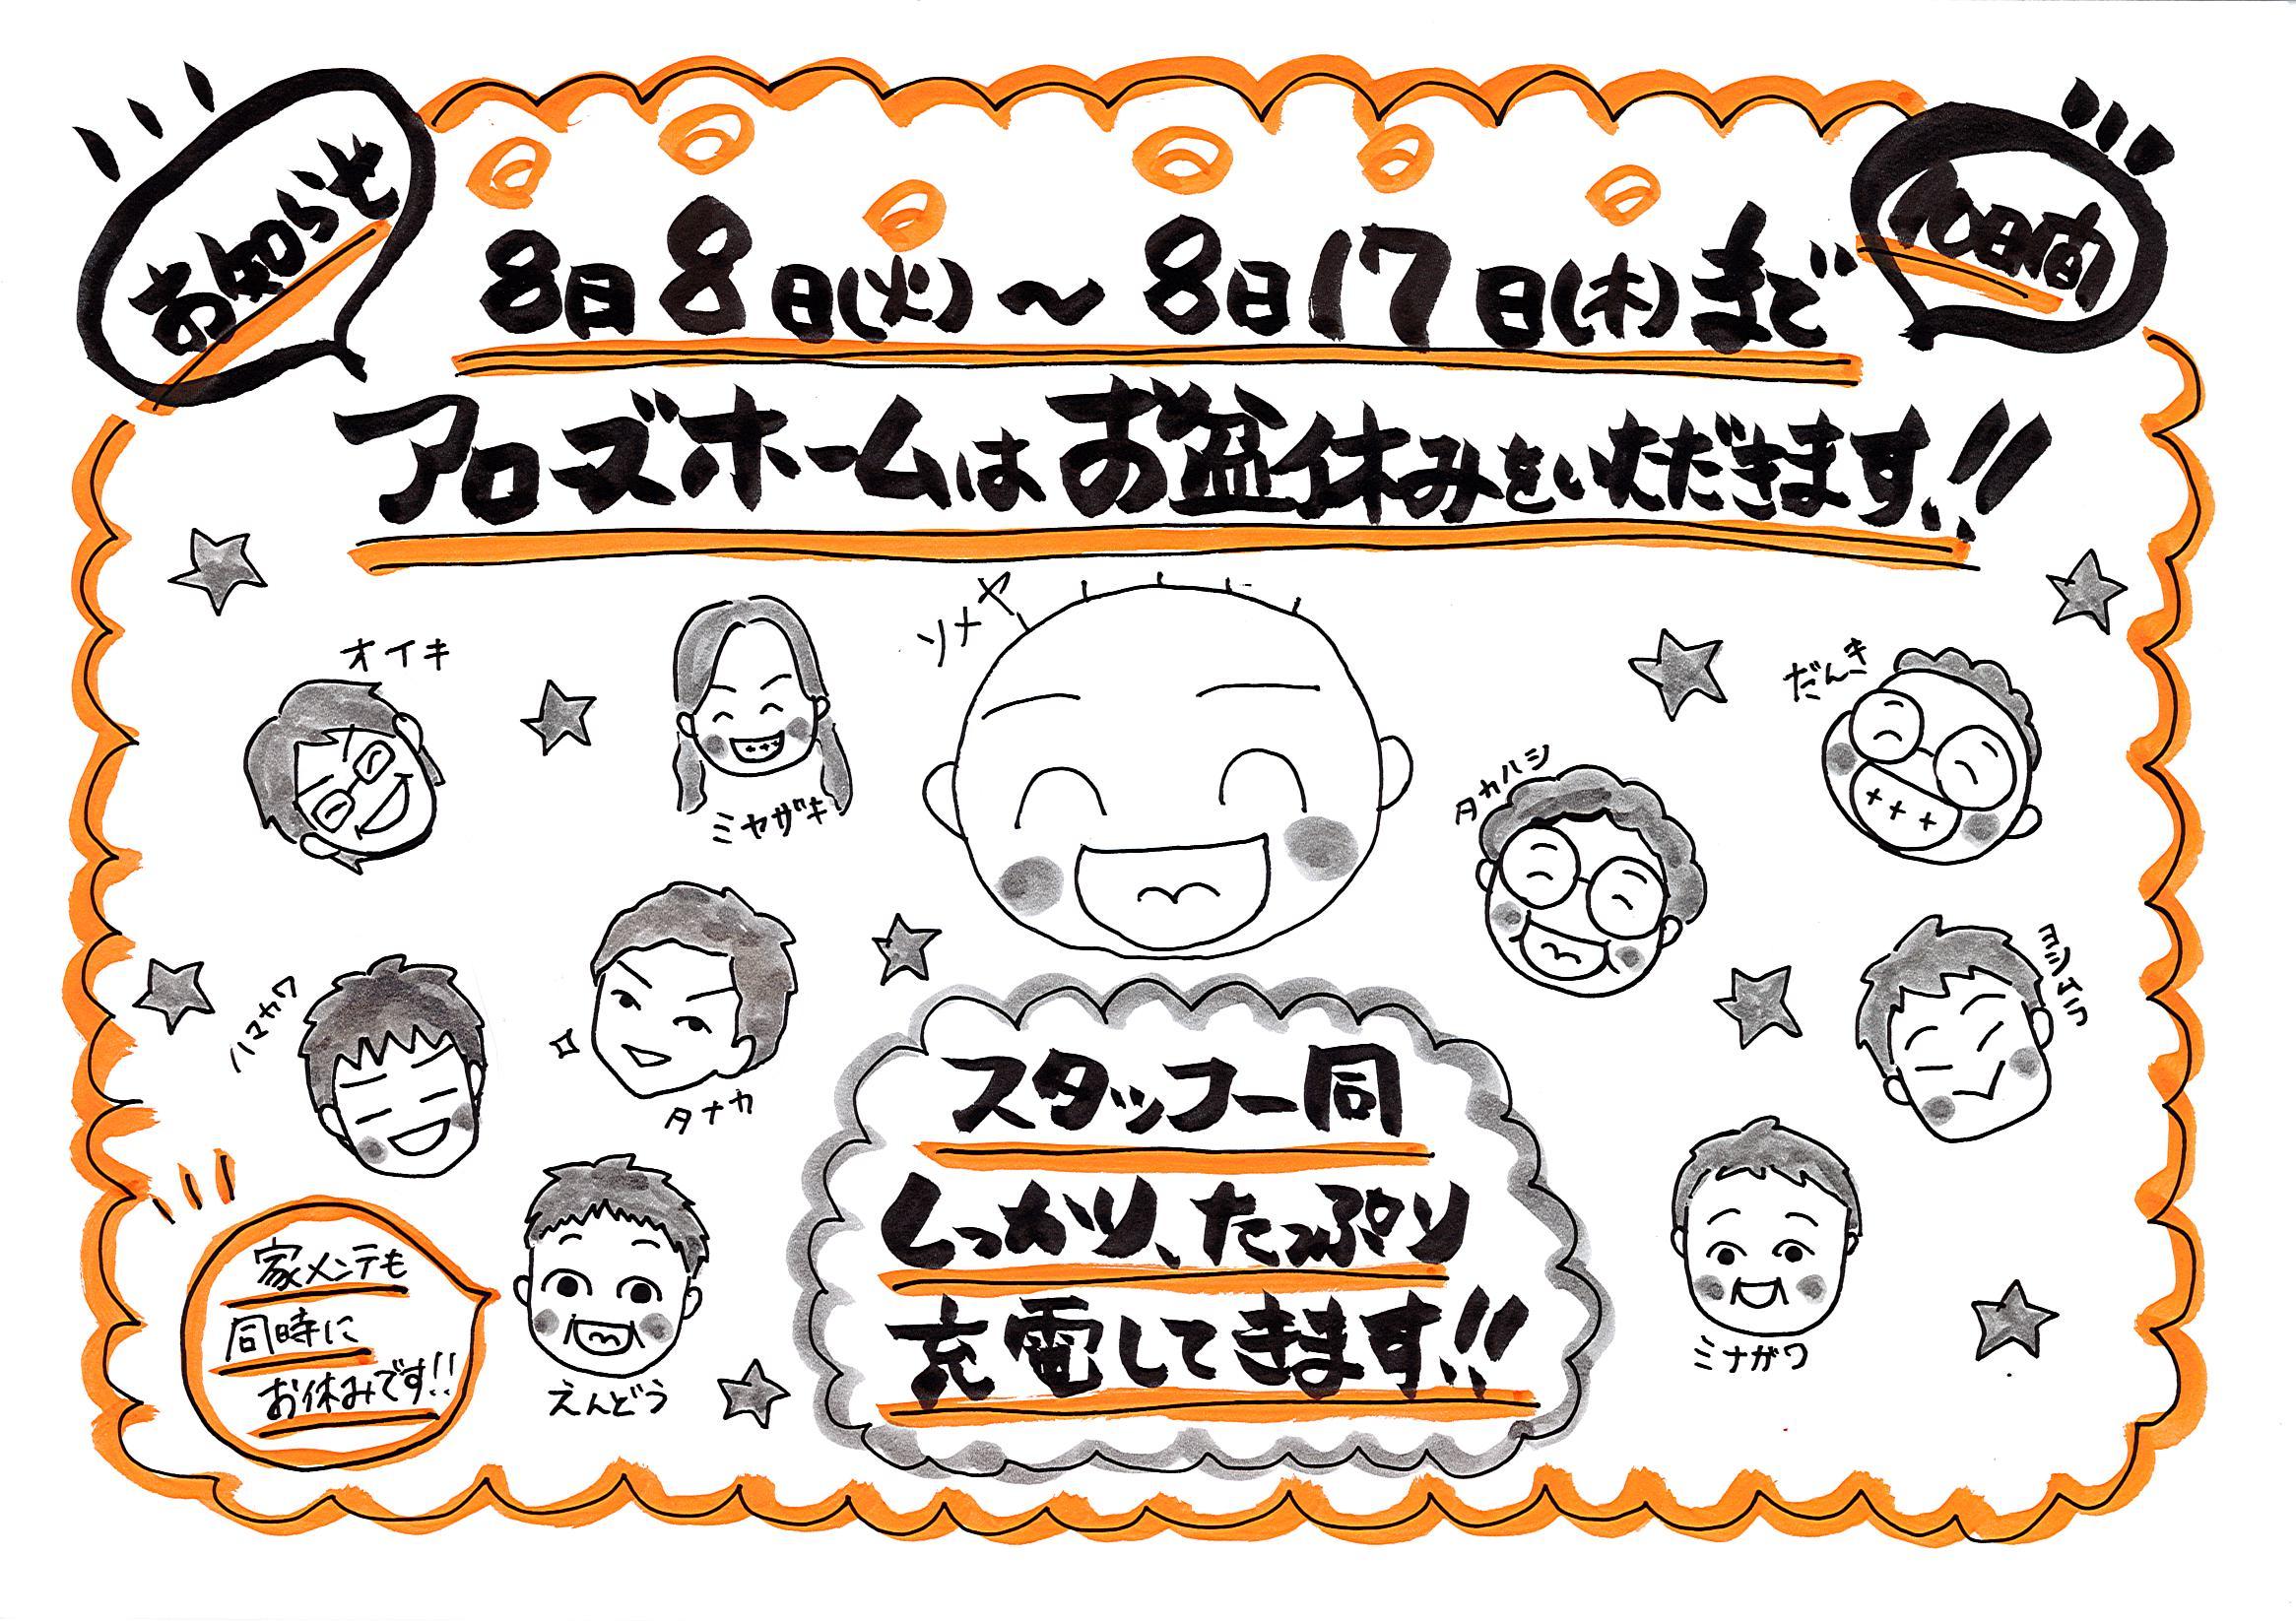 00  お盆休みのお知らせ 2908.jpg